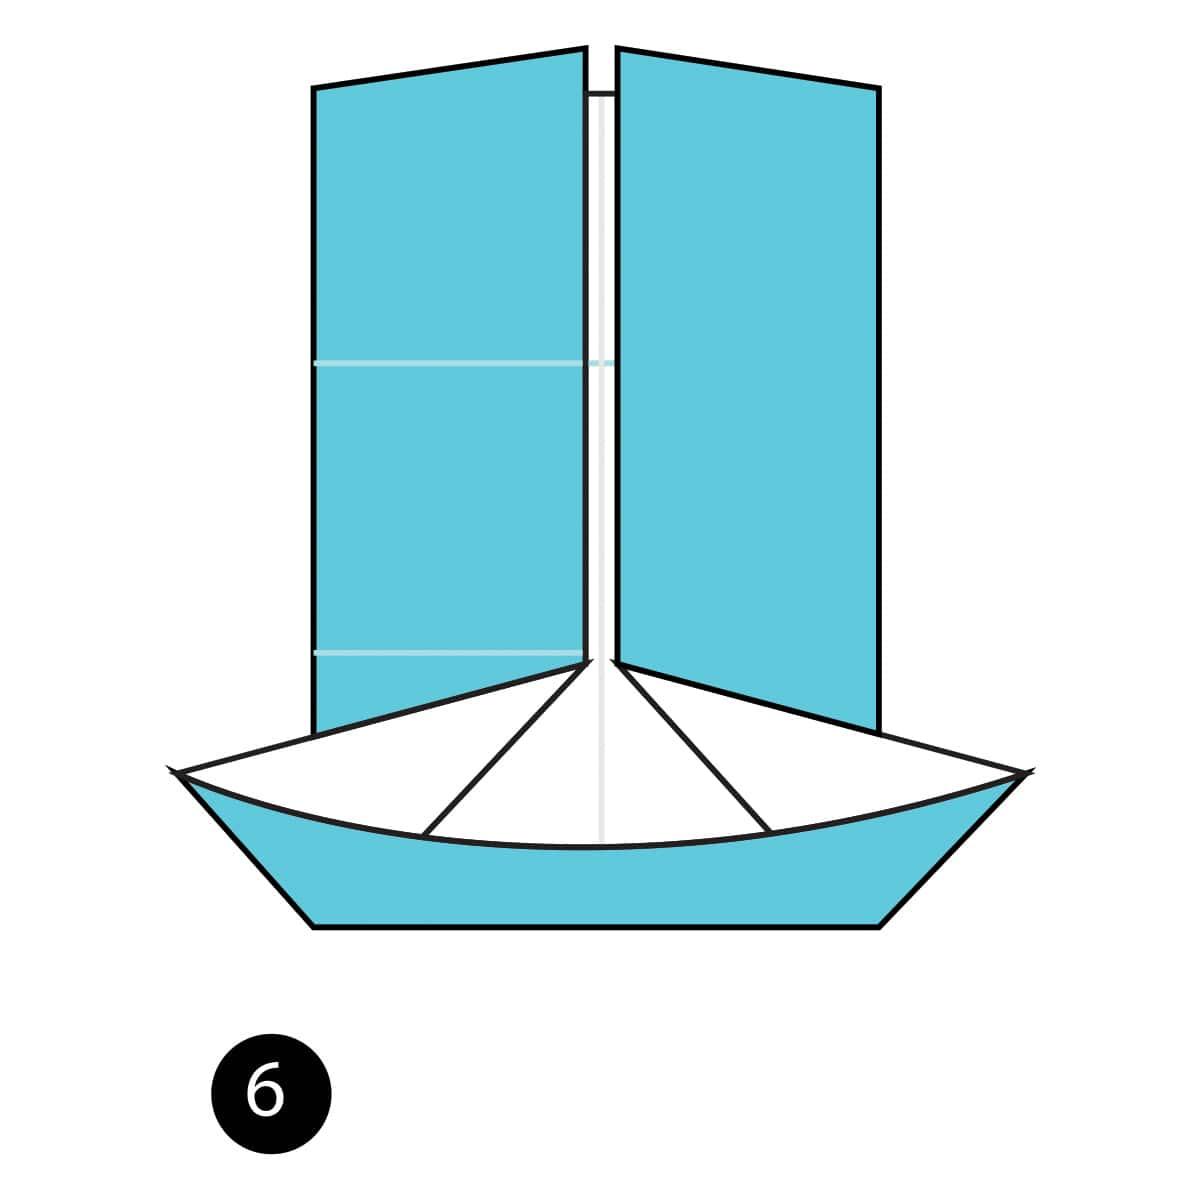 Pinwheel Step 6